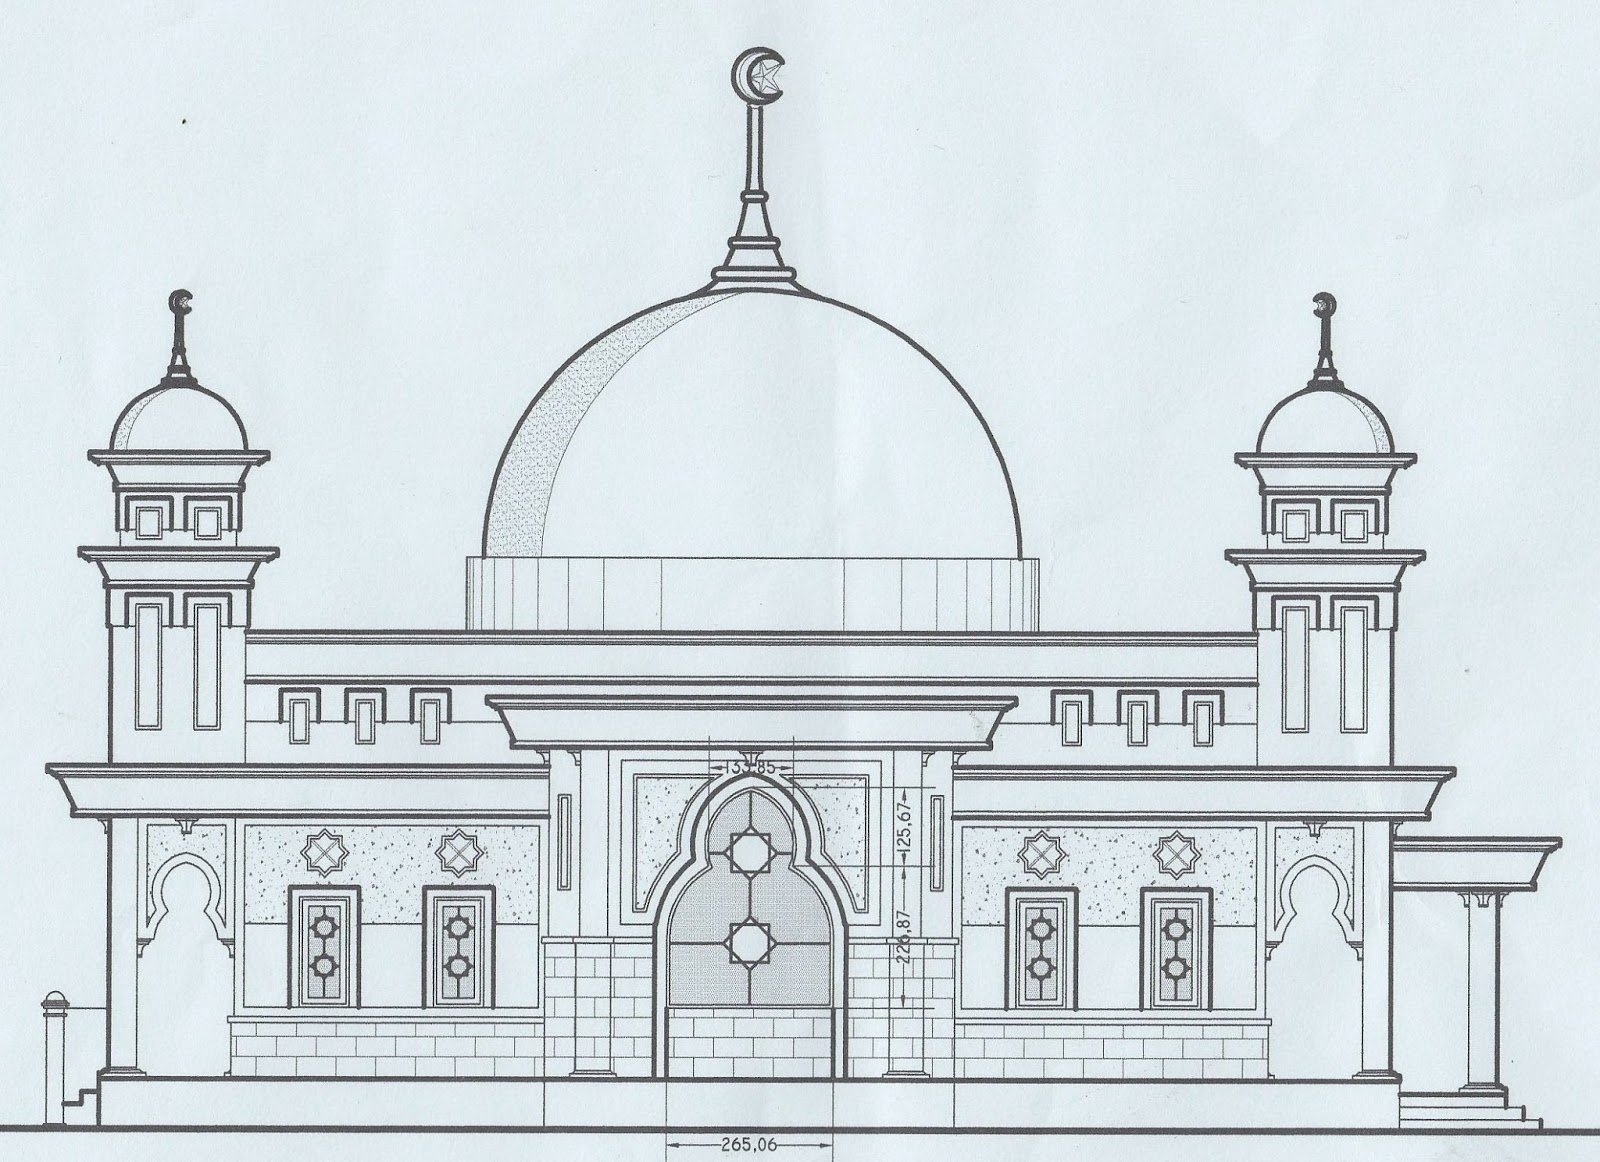 Kumpulan Gambar Sketsa Masjid Simple Sketsa Gambar